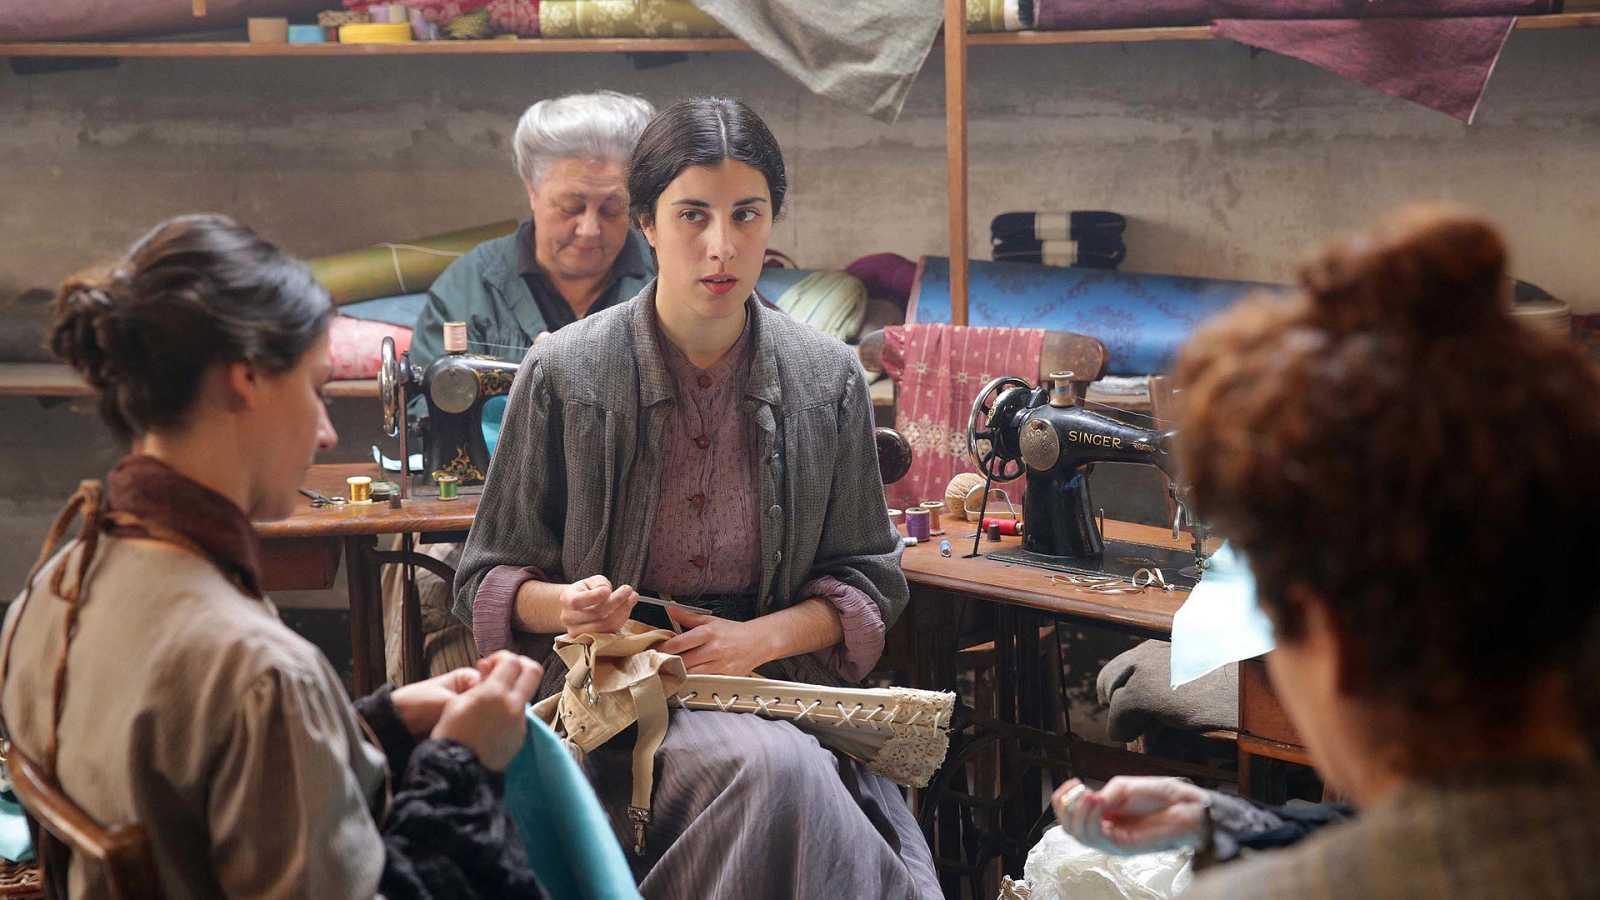 Somos cine - La mujer del siglo - Ver ahora